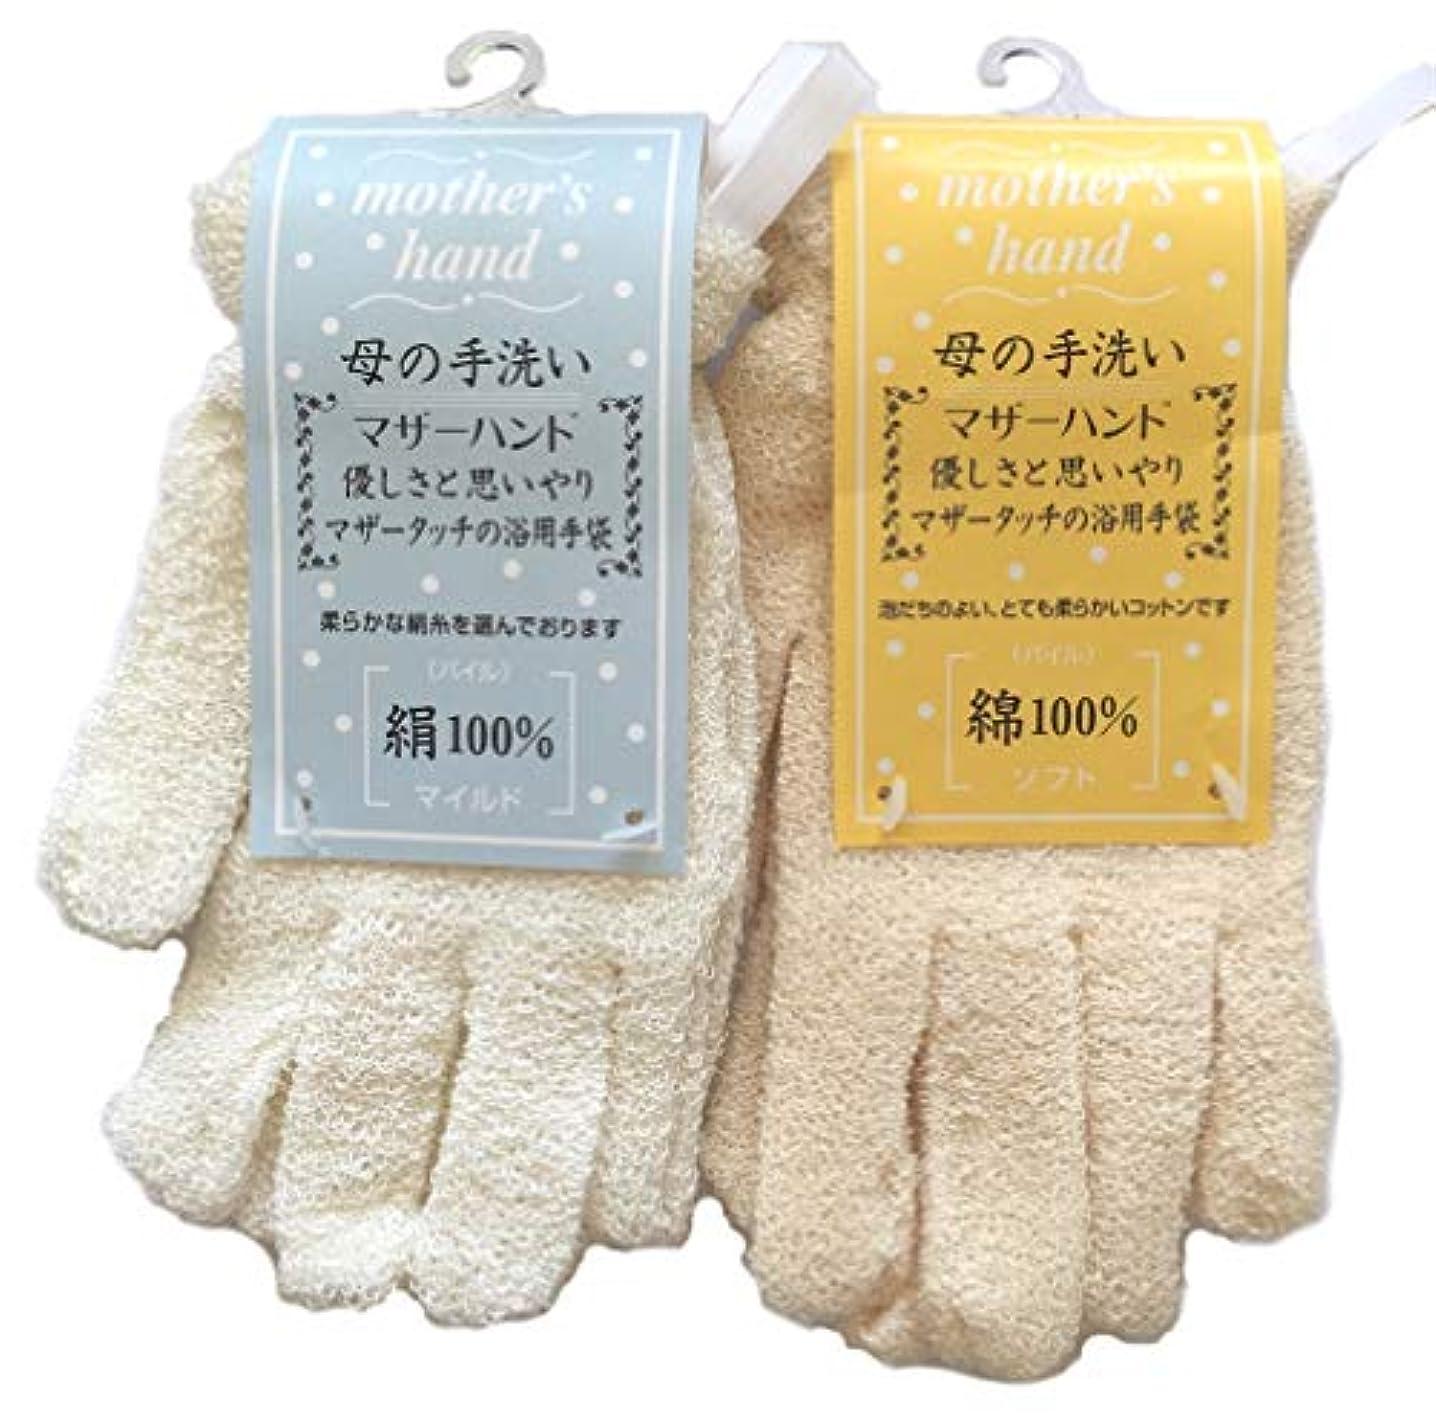 配偶者鉱石ディスパッチマザーハンド ソフト(綿100%)マイルド(絹100%) セット